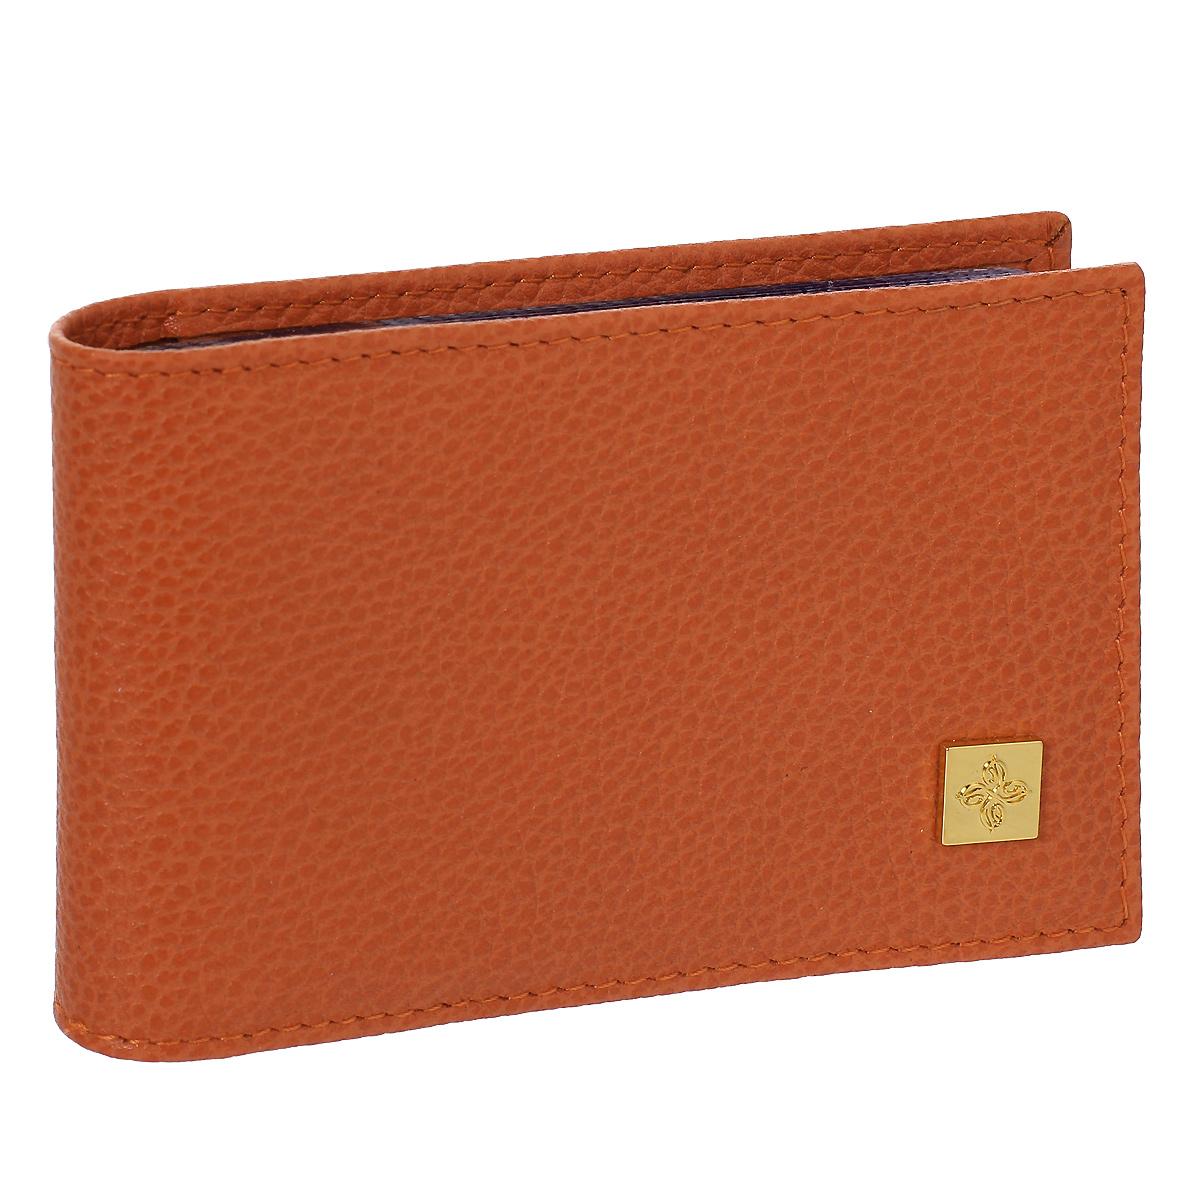 Визитница Dimanche Corail, цвет: коралловый. 944INT-06501Визитница Corail - это стильный аксессуар, который не только сохранит визитки и кредитные карты в порядке, но и, благодаря своему строгому дизайну и высокому качеству исполнения, блестяще подчеркнет тонкий вкус своего обладателя. Визитница выполнена из натуральной матовой высококачественной кожи и содержит внутри съемный блок из 16 прозрачных пластиковых вкладышей, рассчитанных на 32 визитки.Визитница Corail станет великолепным подарком ценителю современных практичных вещей. Визитница упакована в фирменную коробку из картона. Характеристики:Материал: натуральная кожа, пленка ПВХ, металл. Цвет: коралловый. Размер визитницы: 10,5 см х 6,5 см х 1,5 см.